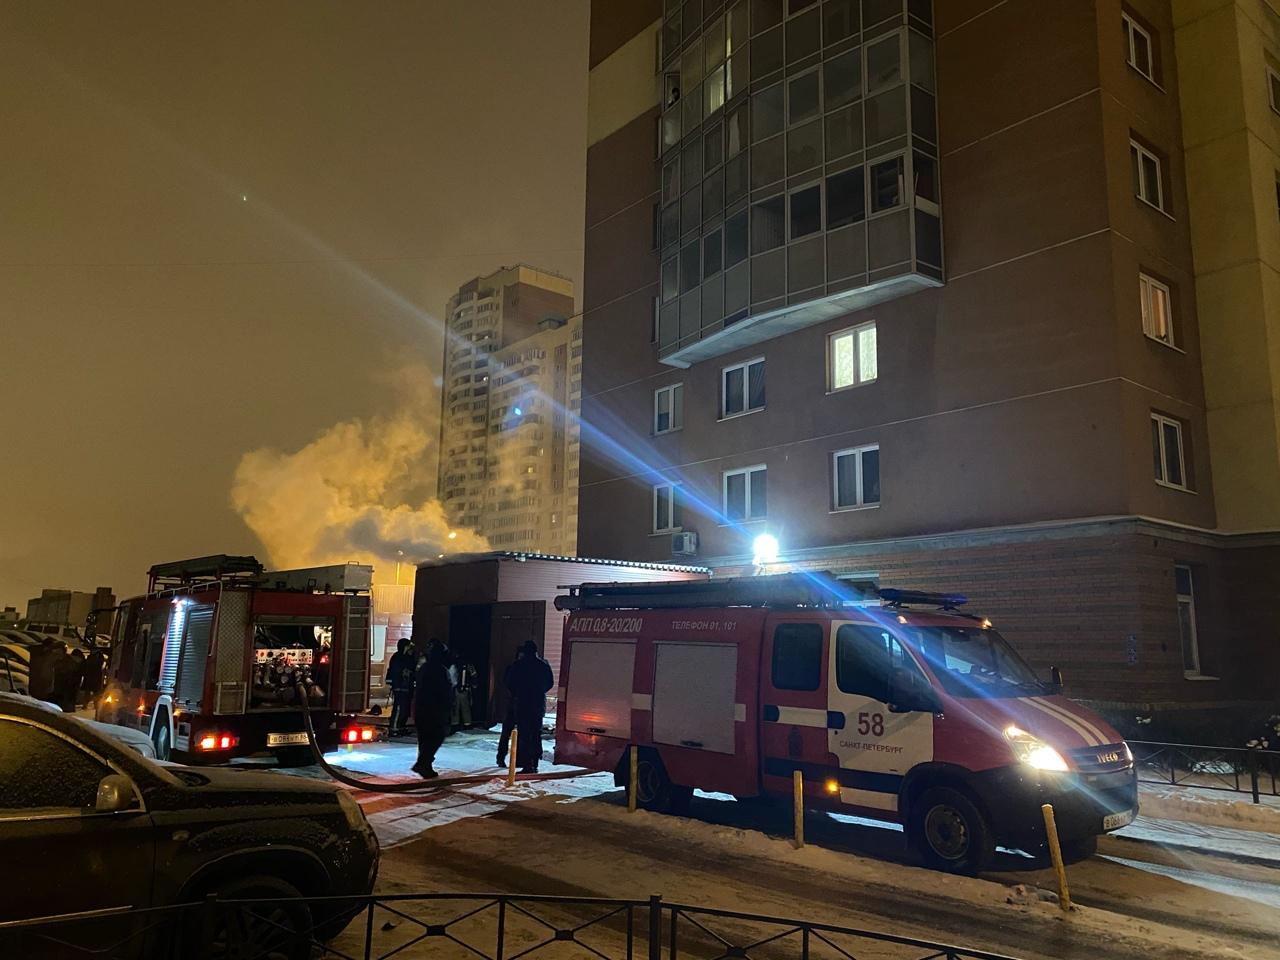 На Дунайском, 55 горит предположительно производство «два берега». Четыре пожарные машины работают.